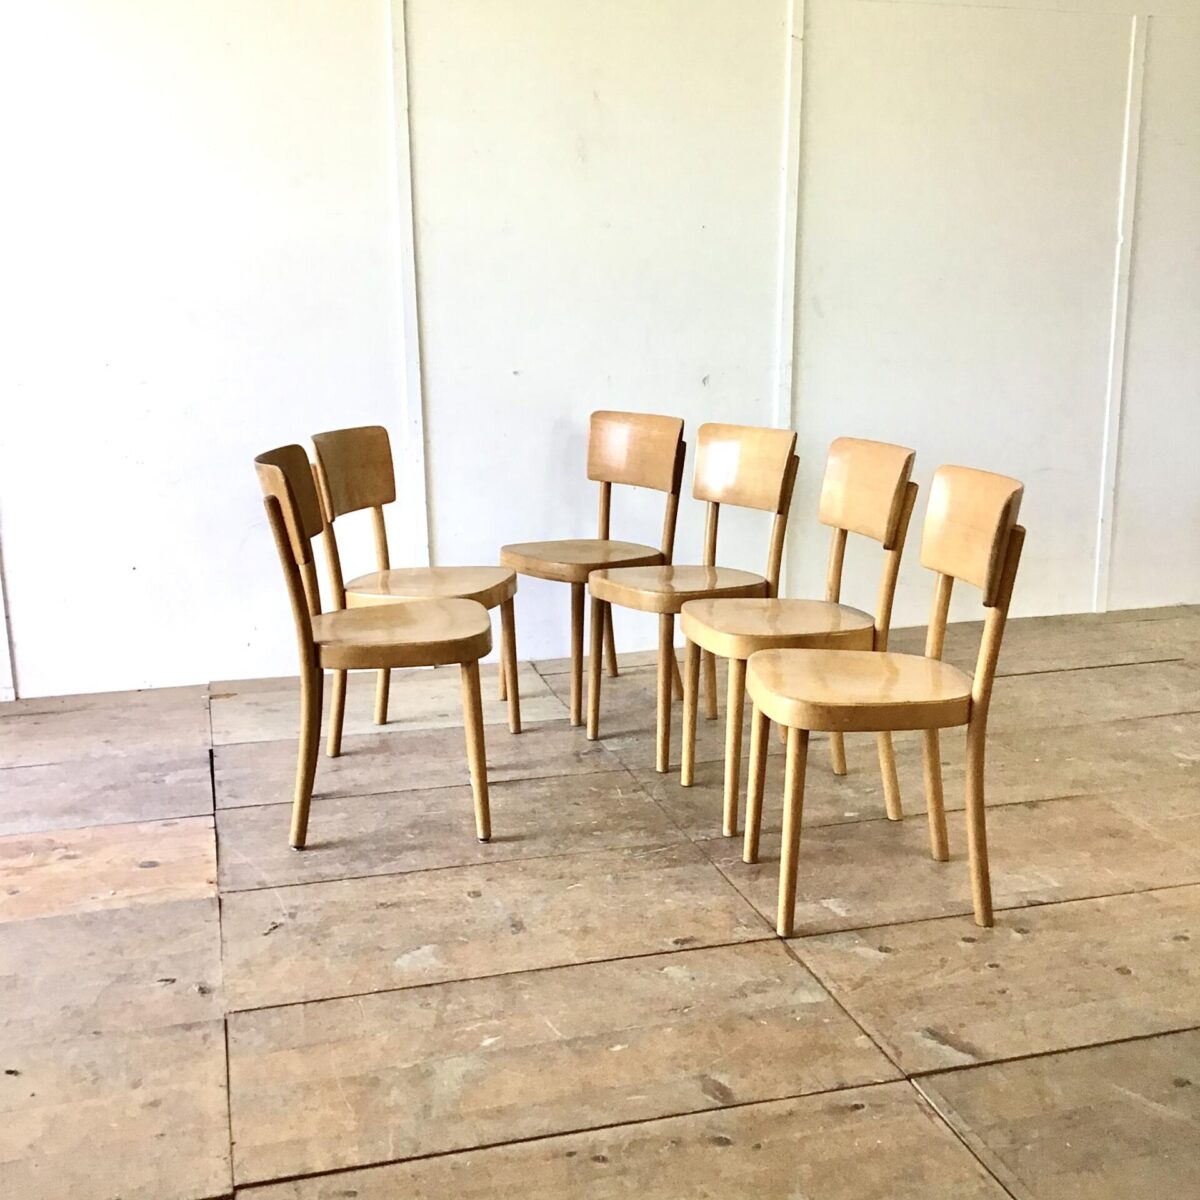 31 Beizenstühle von Horgenglarus preis pro Stuhl. Esszimmer Stühle mit runden Beinen. Bequem hoher Rücken ähnlich wie bei dem Modell Safran jedoch aus Vollholz.